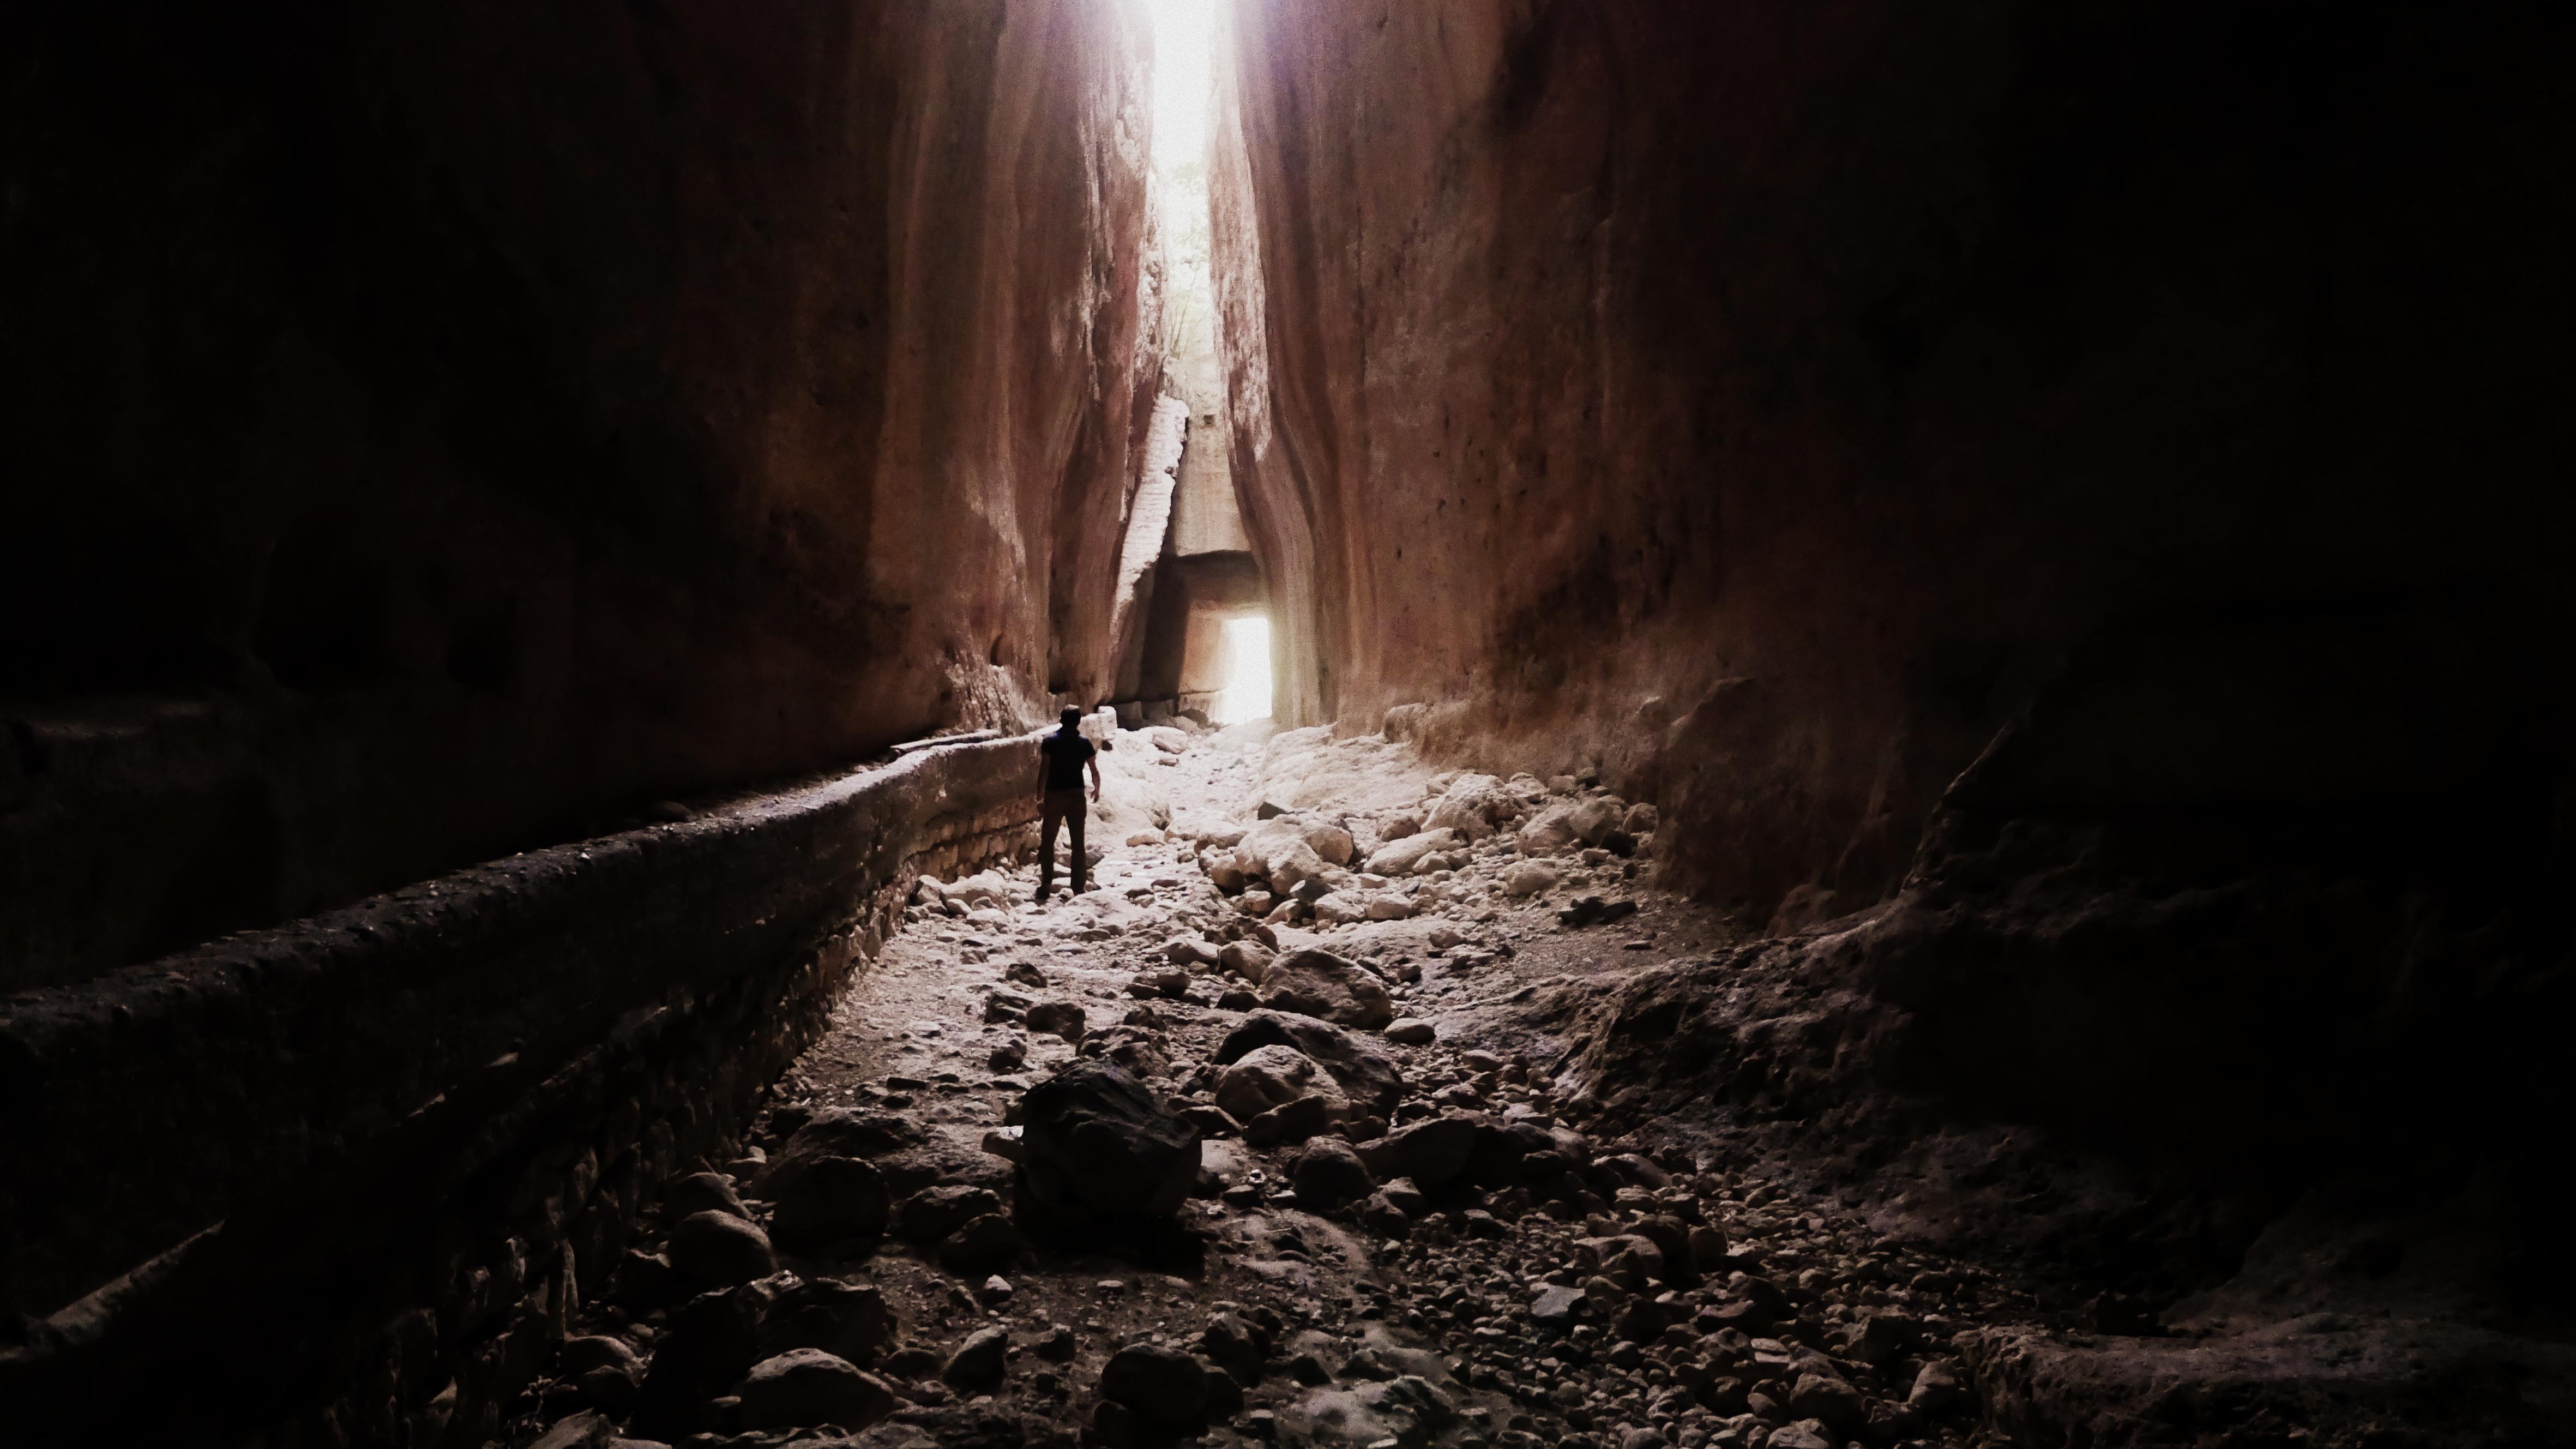 tünel - tunnel